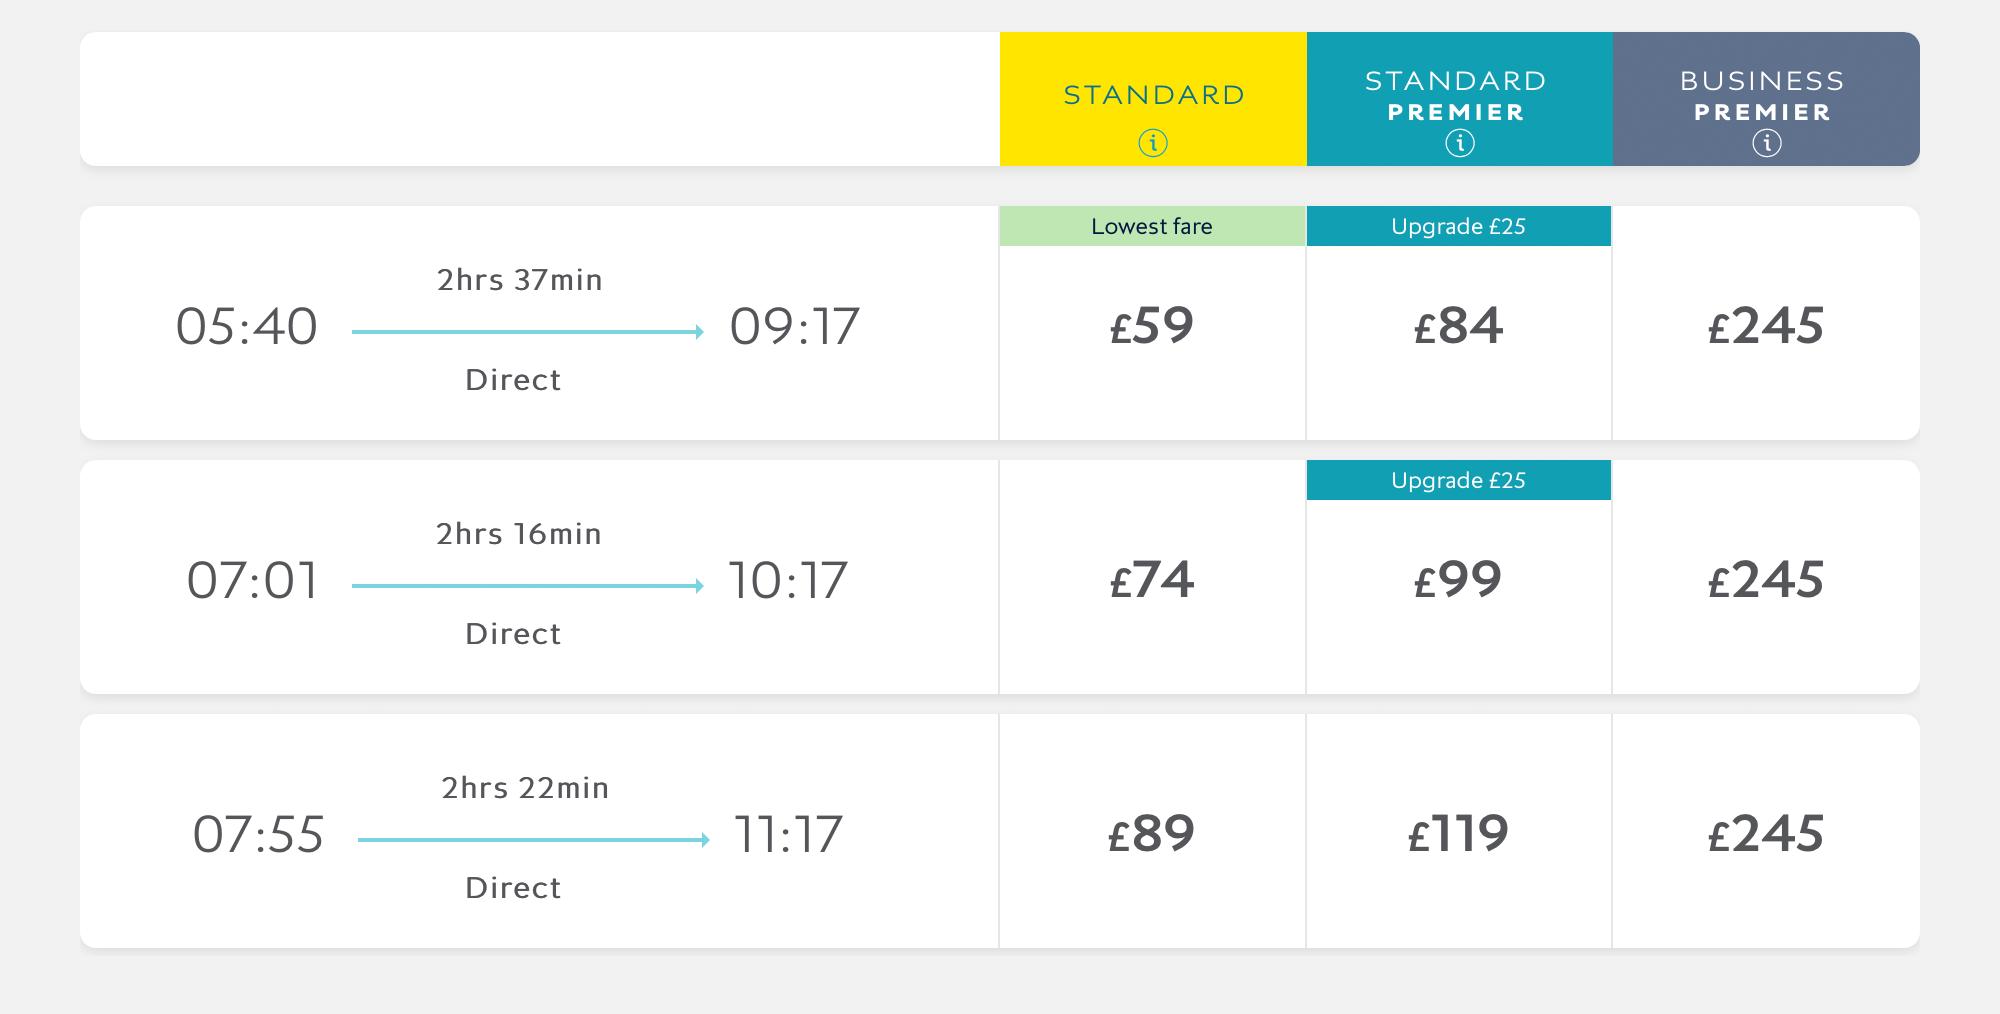 Если покупать билеты заранее, можно отправиться во Францию на поезде за 60£ (5000 р.)